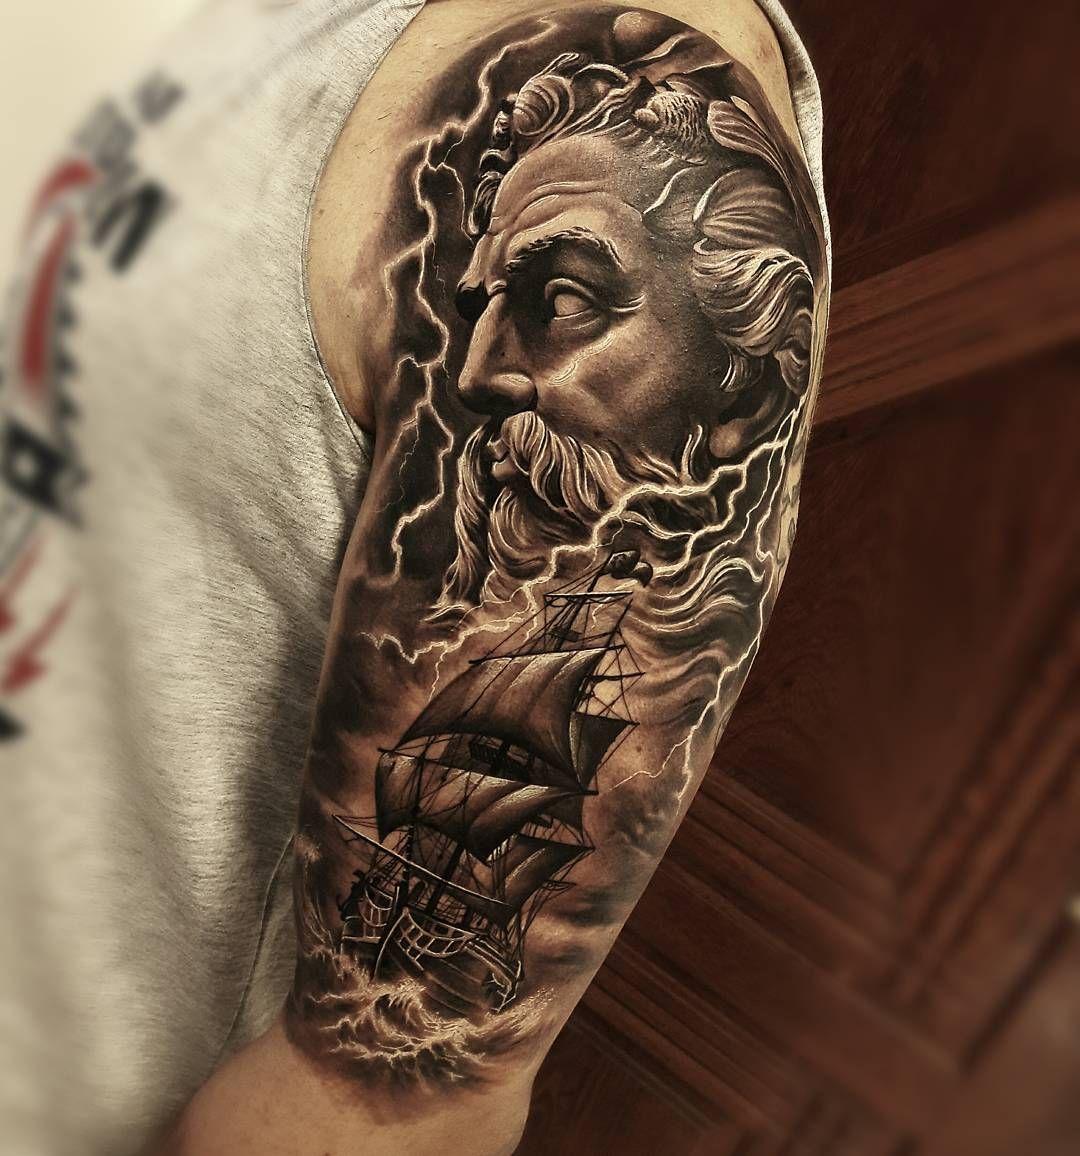 Poseidon Tattoo: Poseidon Tattoo By Samurai Maciel